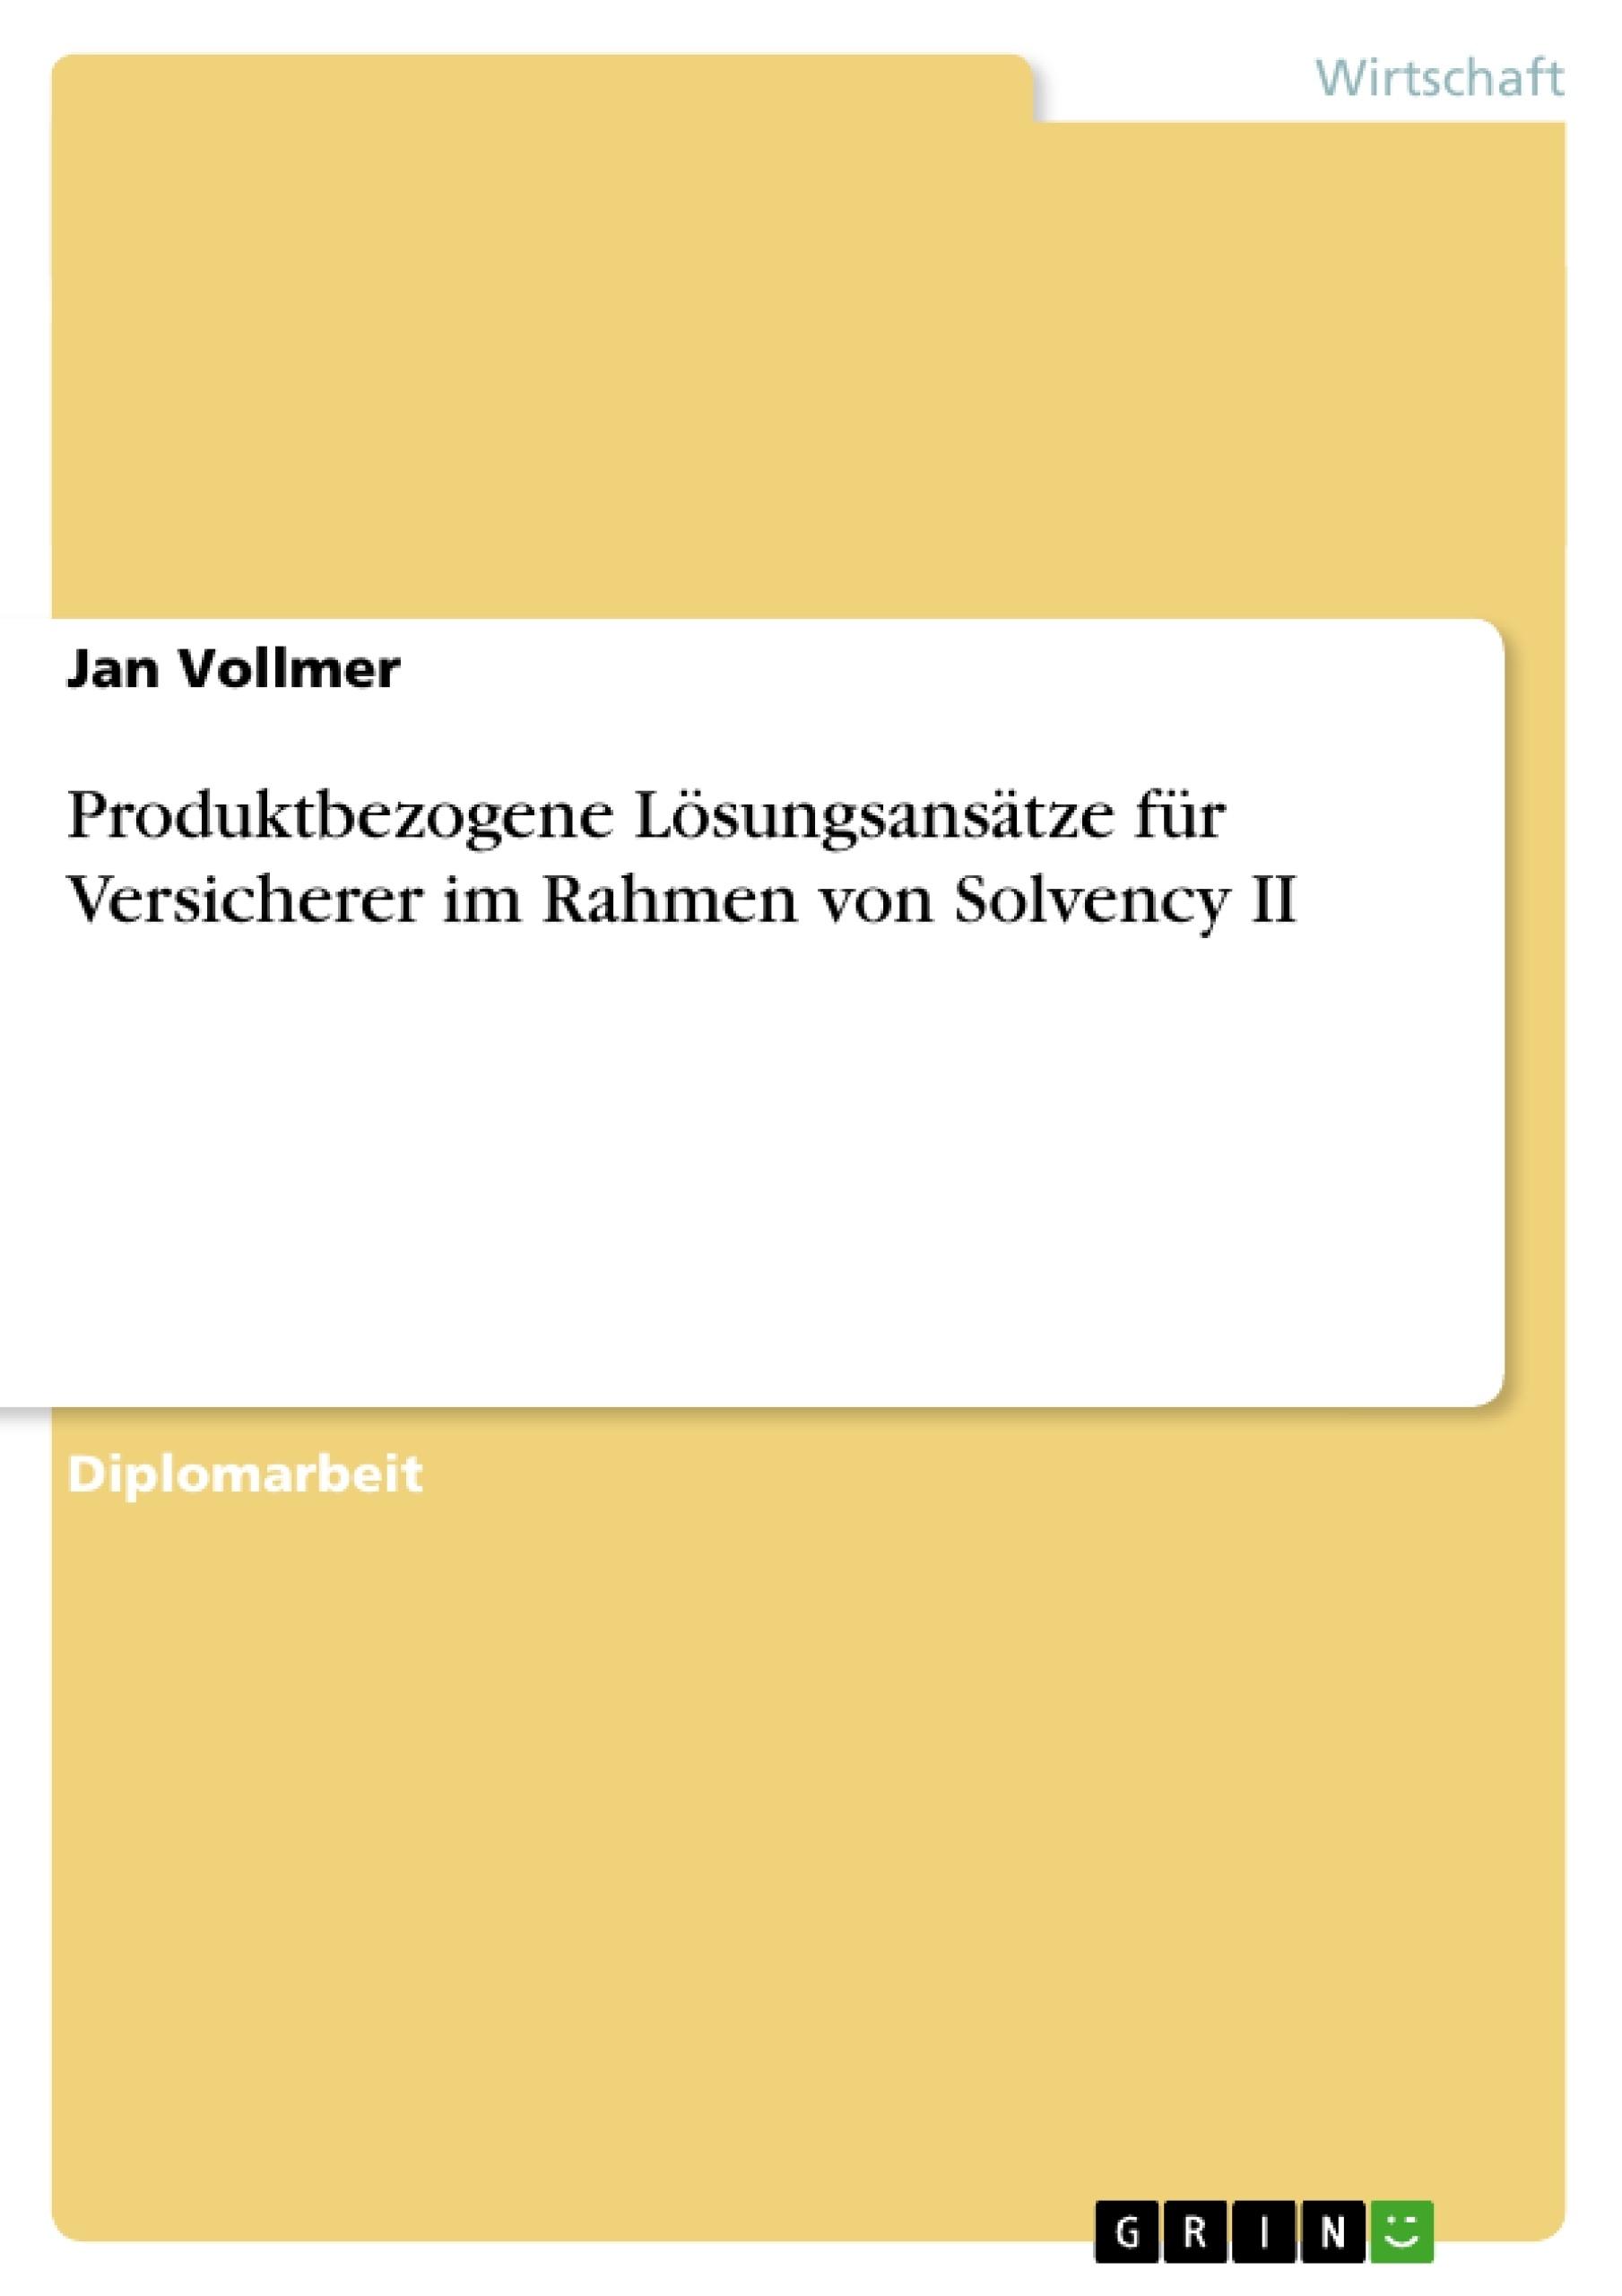 Titel: Produktbezogene Lösungsansätze für Versicherer im Rahmen von Solvency II